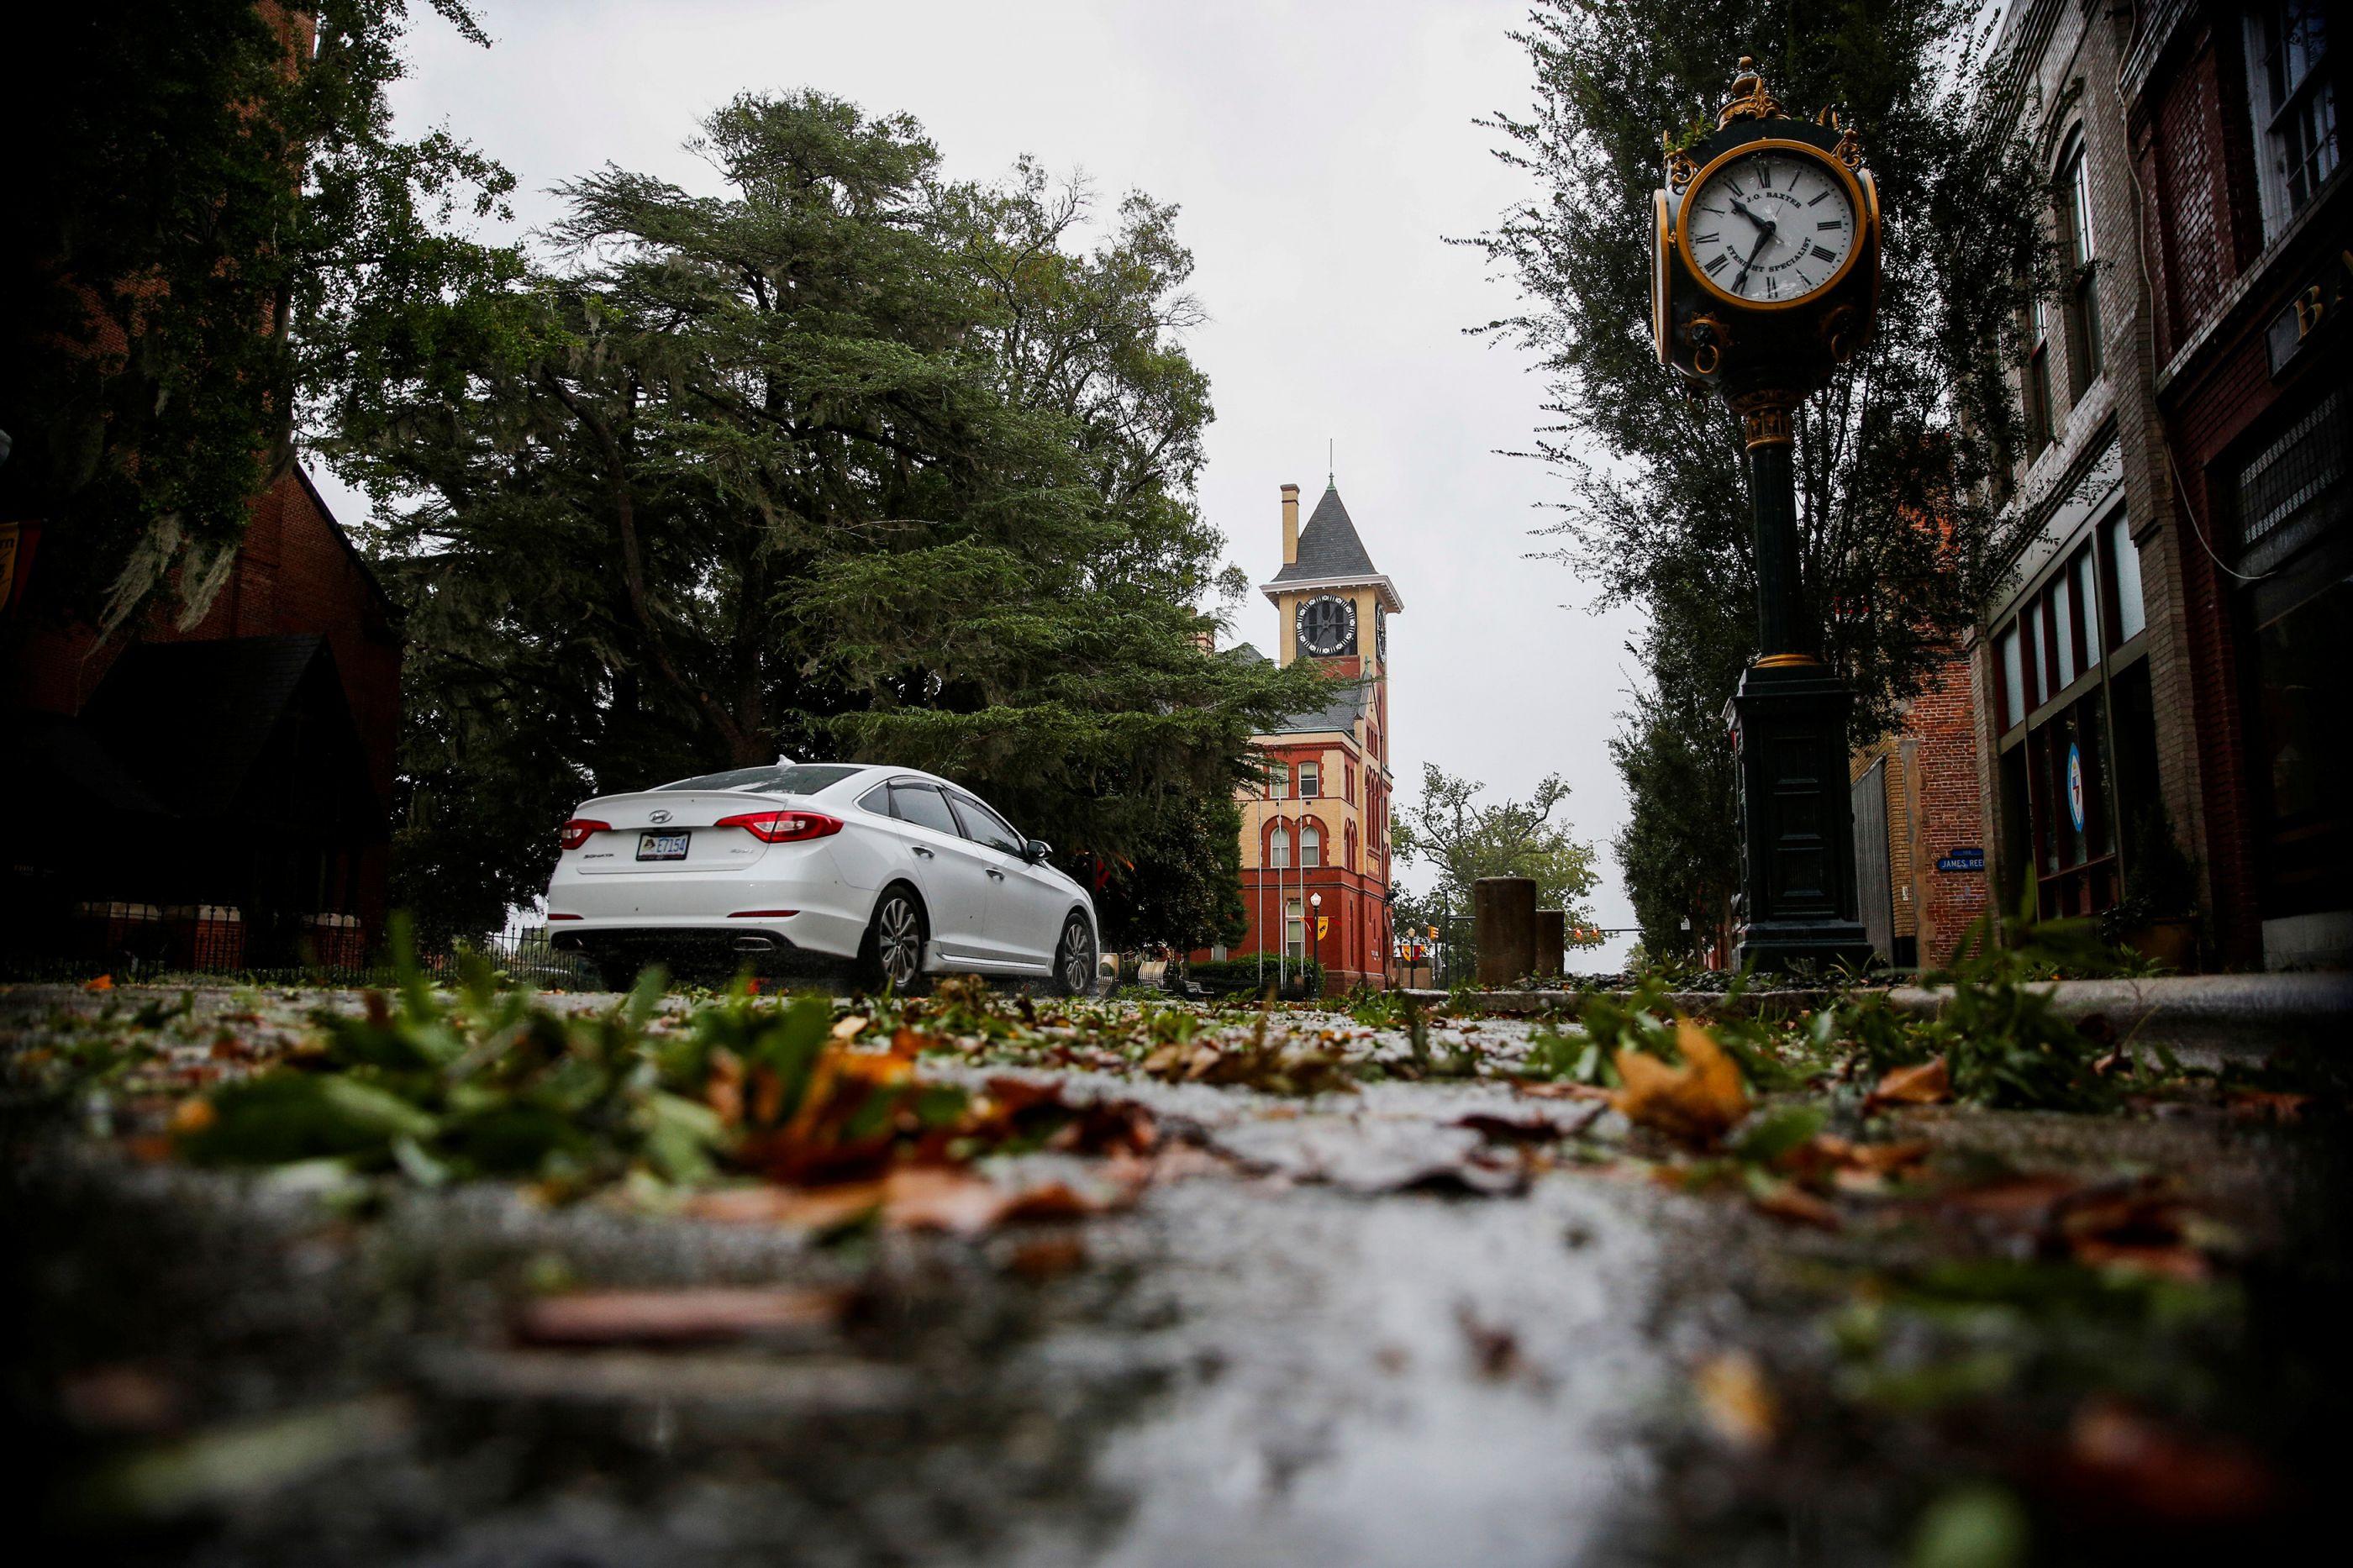 Olho do furacão: veja imagens do Florence ao chegar à Carolina do Norte